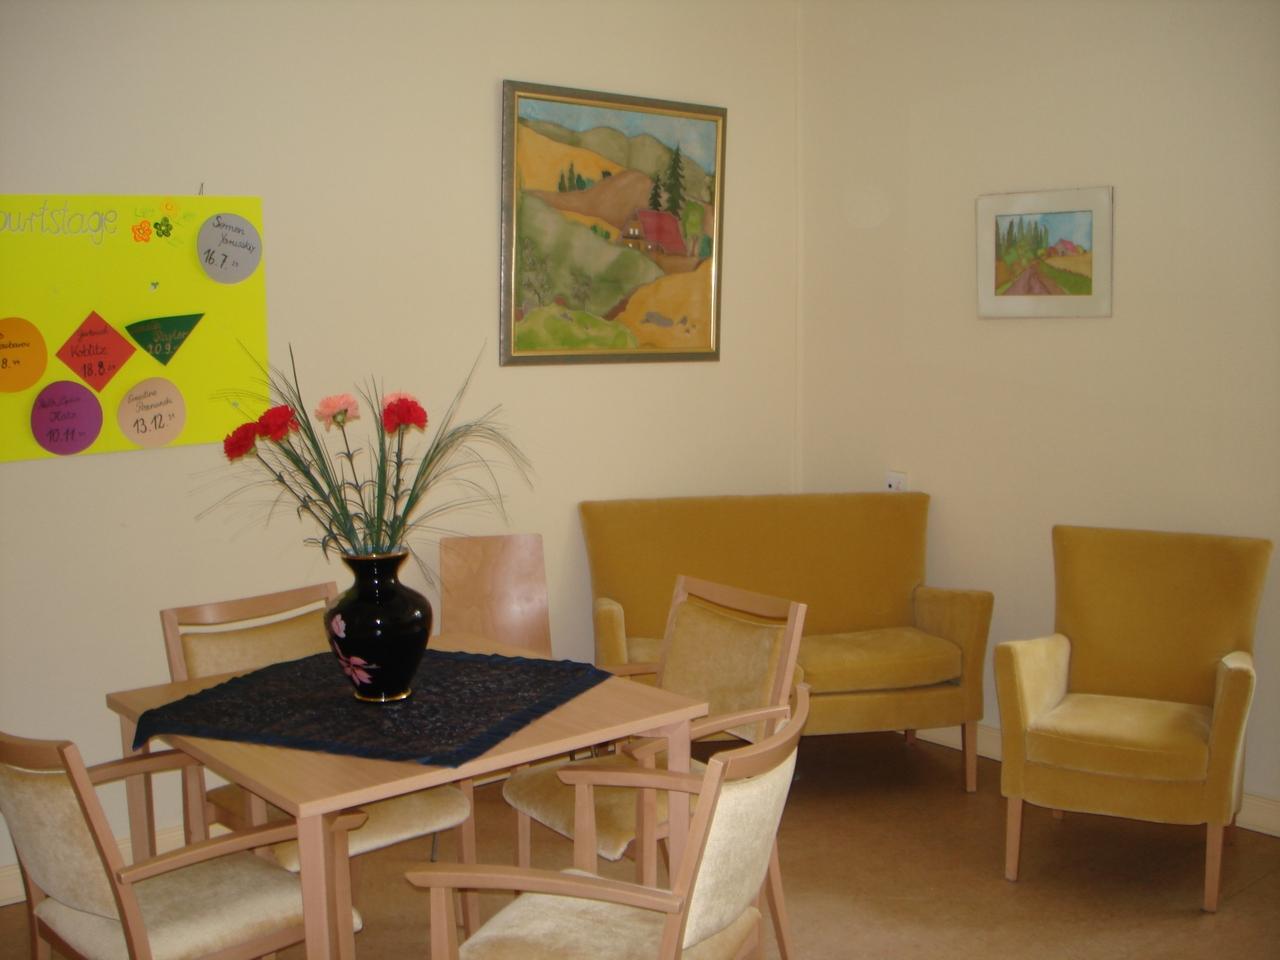 pflegeheim hermann strau j dische gemeinde zu berlin. Black Bedroom Furniture Sets. Home Design Ideas